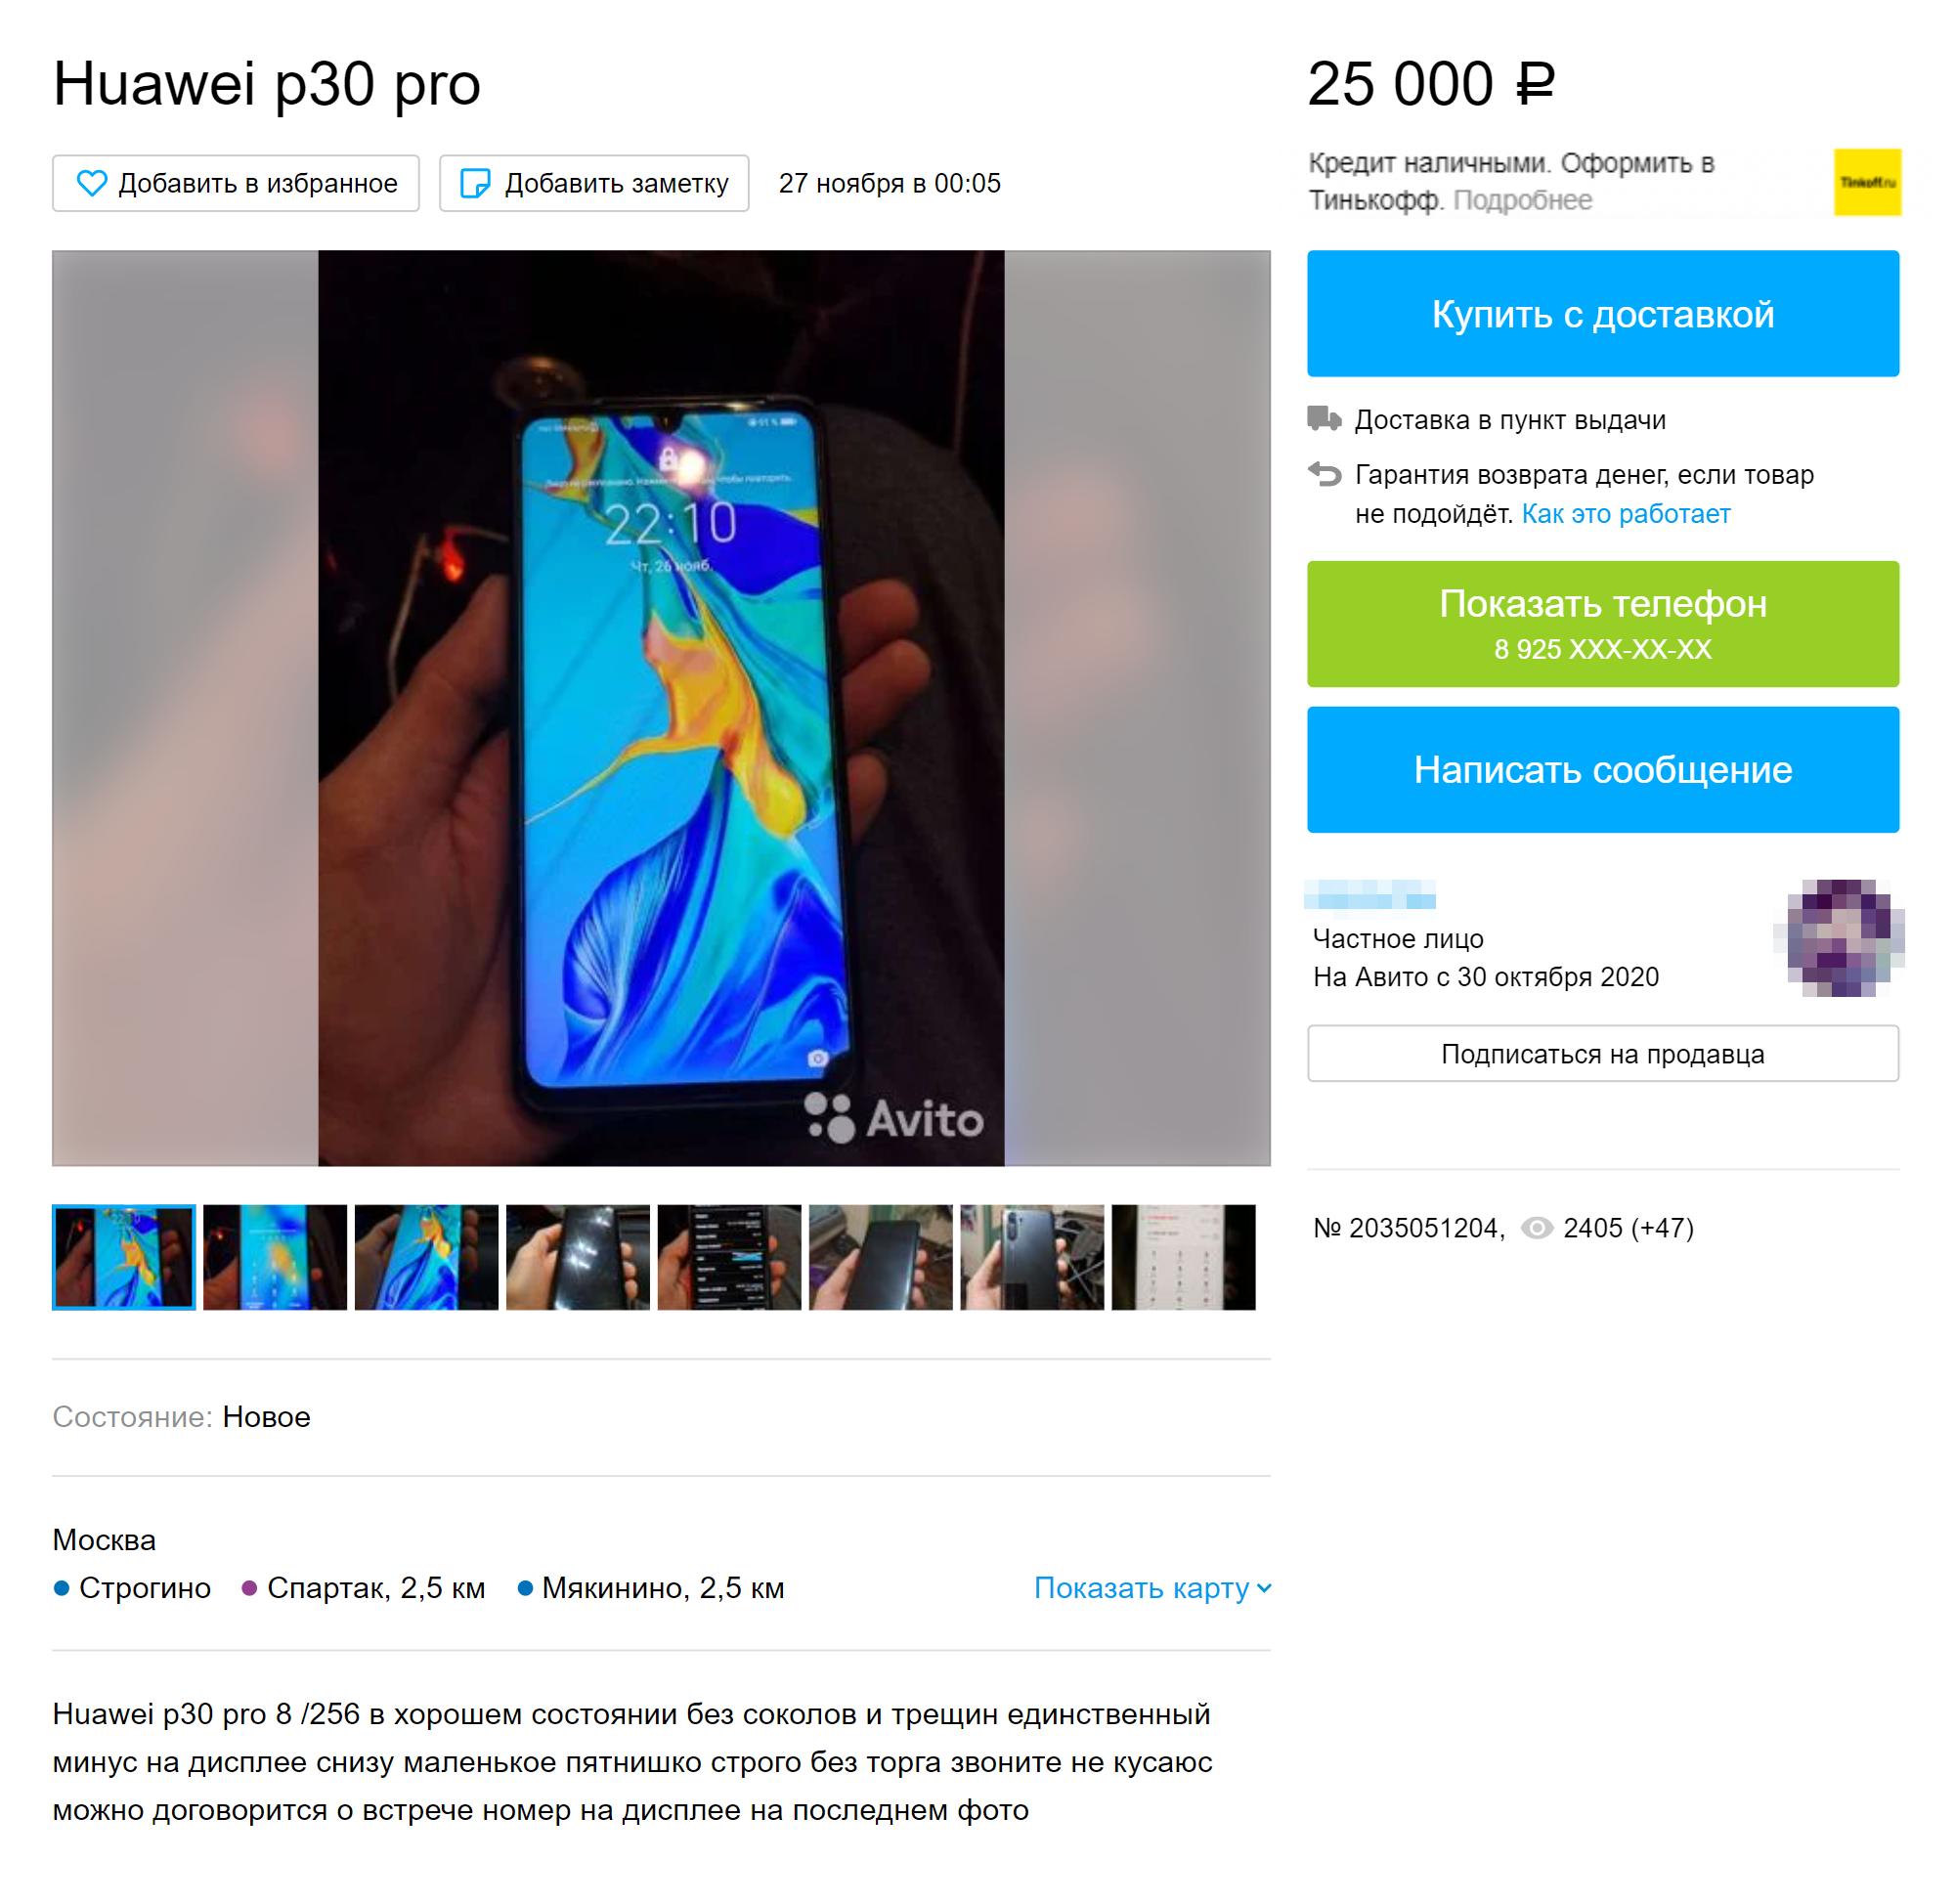 Аналогичное объявление о продаже копии. Это реплика, но в объявлении об этом ни слова. Источник: avito.ru